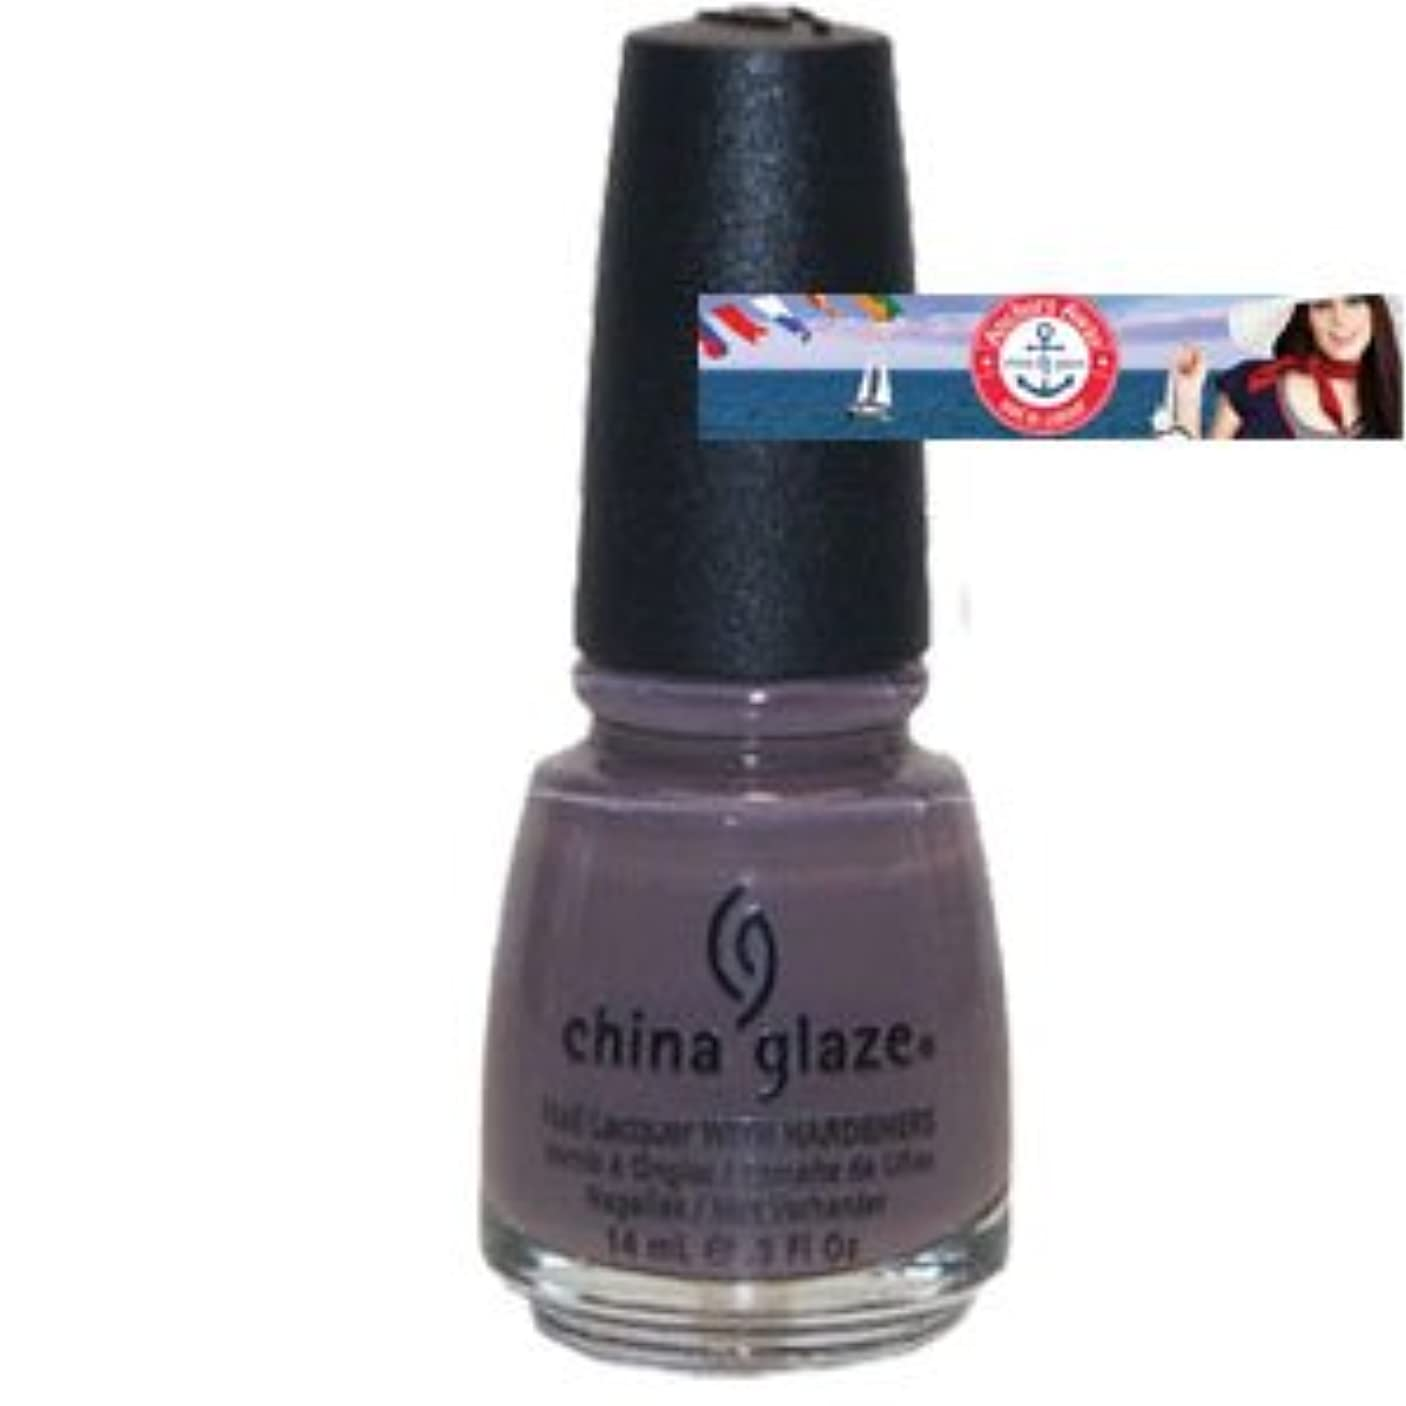 オークランド書店振る舞い(チャイナグレイズ)China Glaze Anchors Away Collection?Below Deck [海外直送品][並行輸入品]